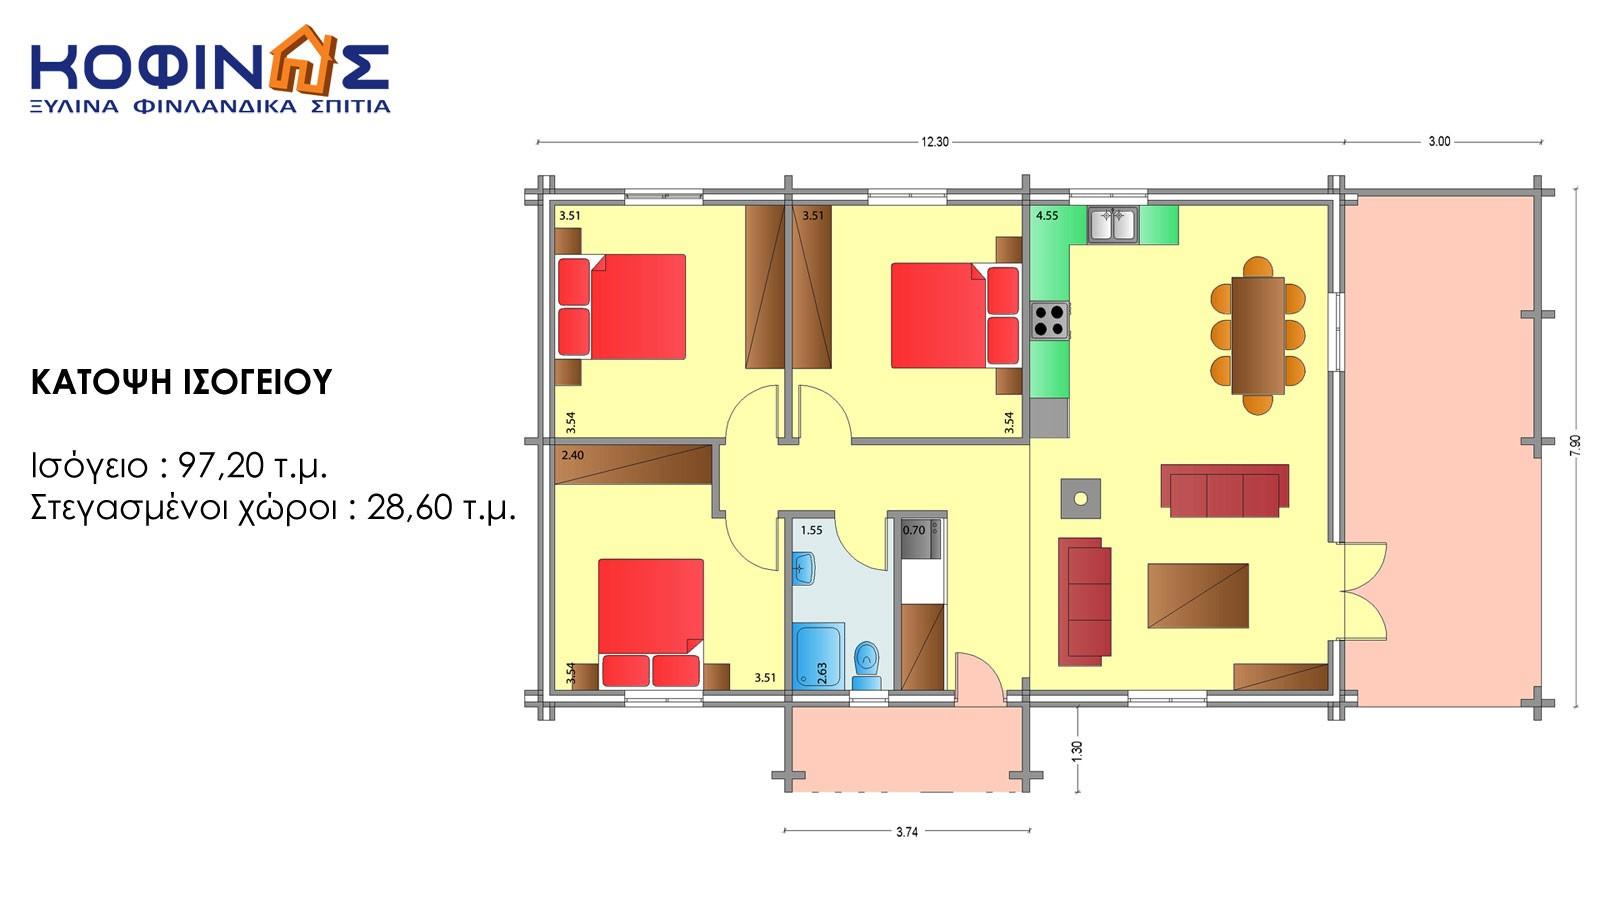 Ισόγεια Ξύλινη Κατοικία XI-97a, συνολικής επιφάνειας 97,20 τ.μ.